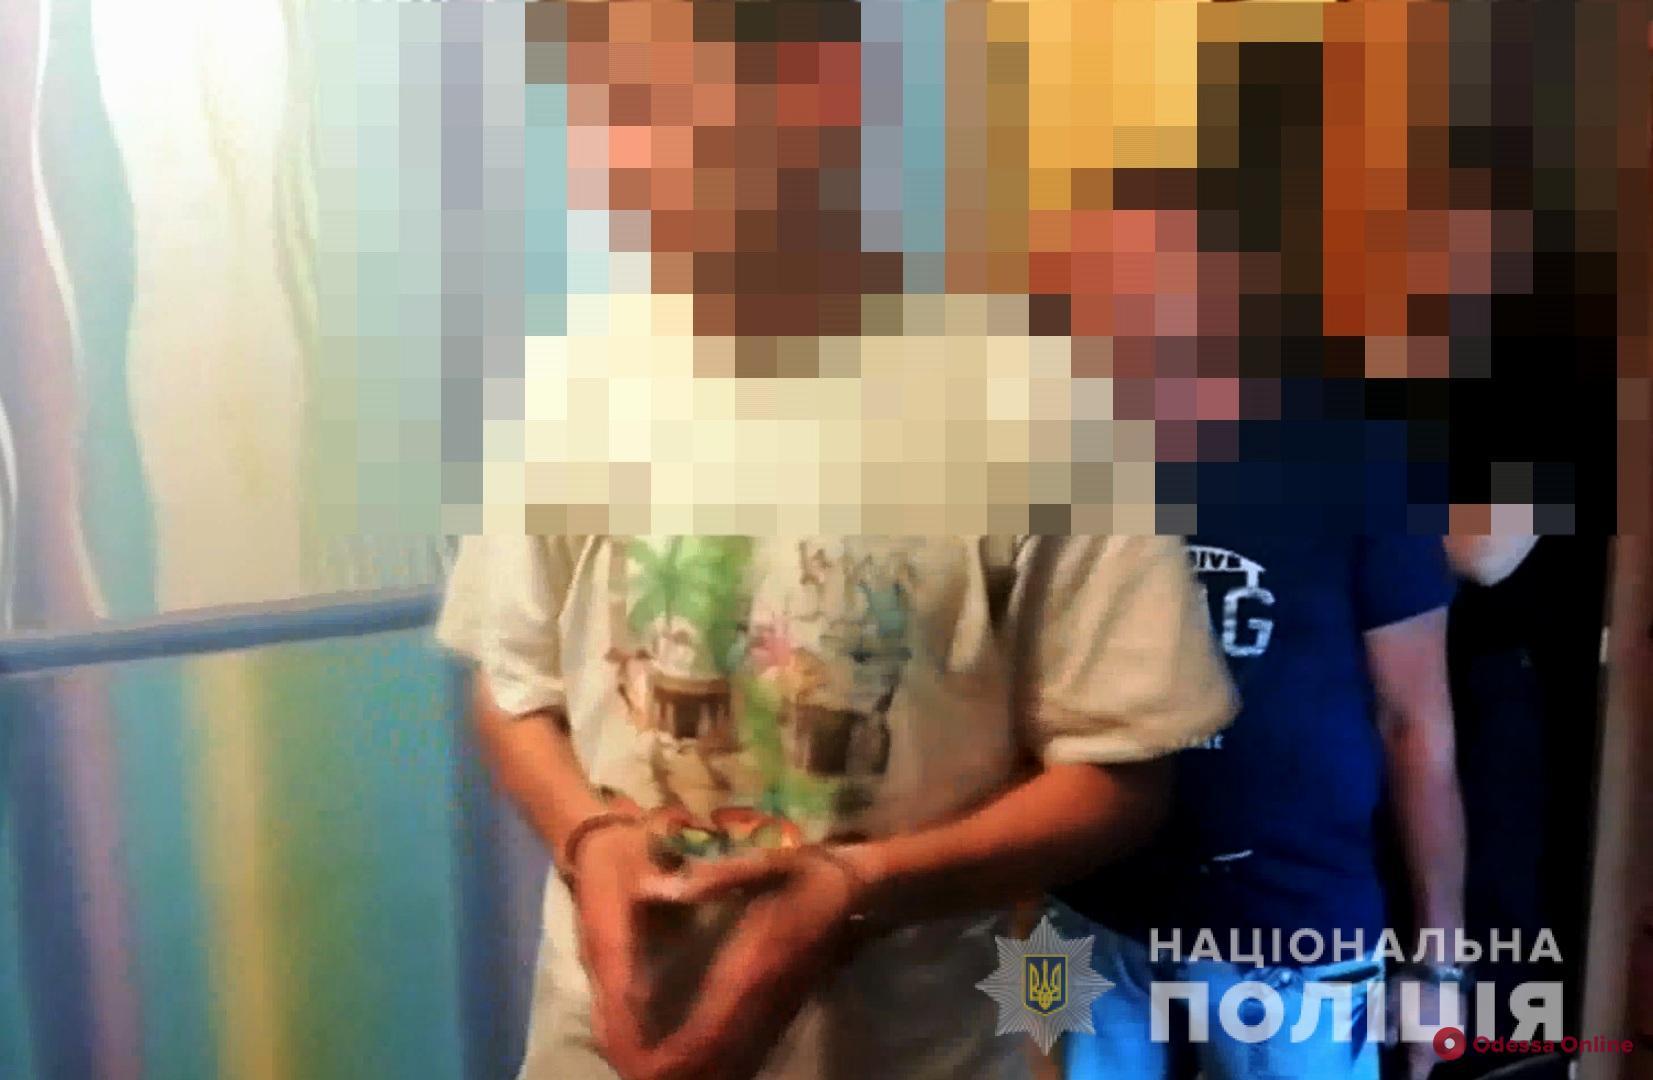 Трупы в черноморской квартире: хозяин задушил своего гостя, после чего второй гость убил хозяина